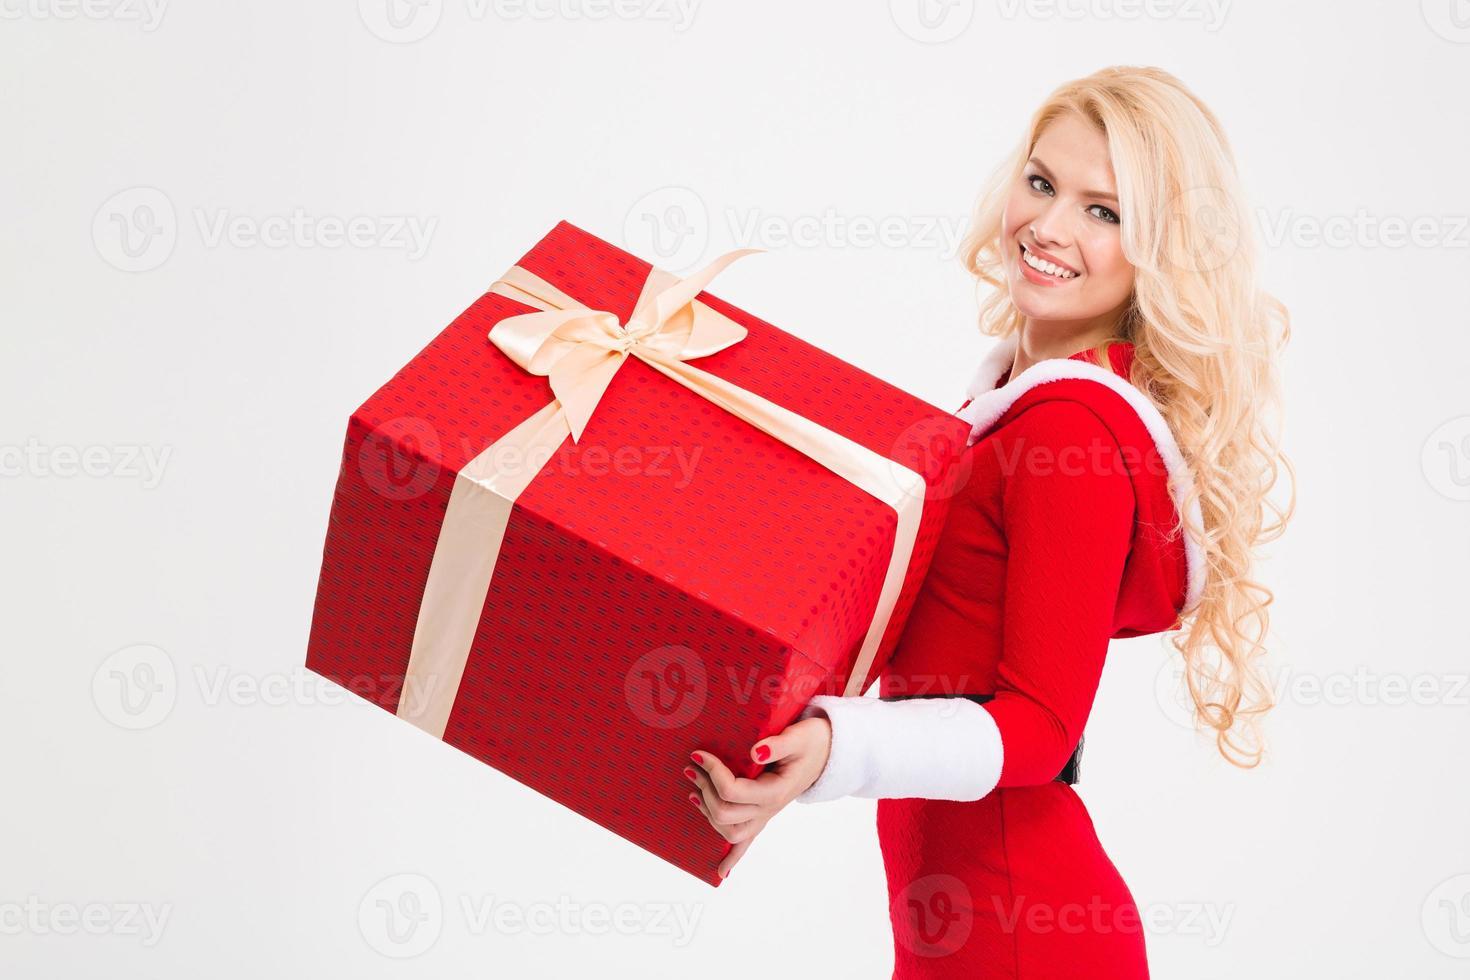 femme joyeuse dans des vêtements du père Noël tenant un gros cadeau rouge photo